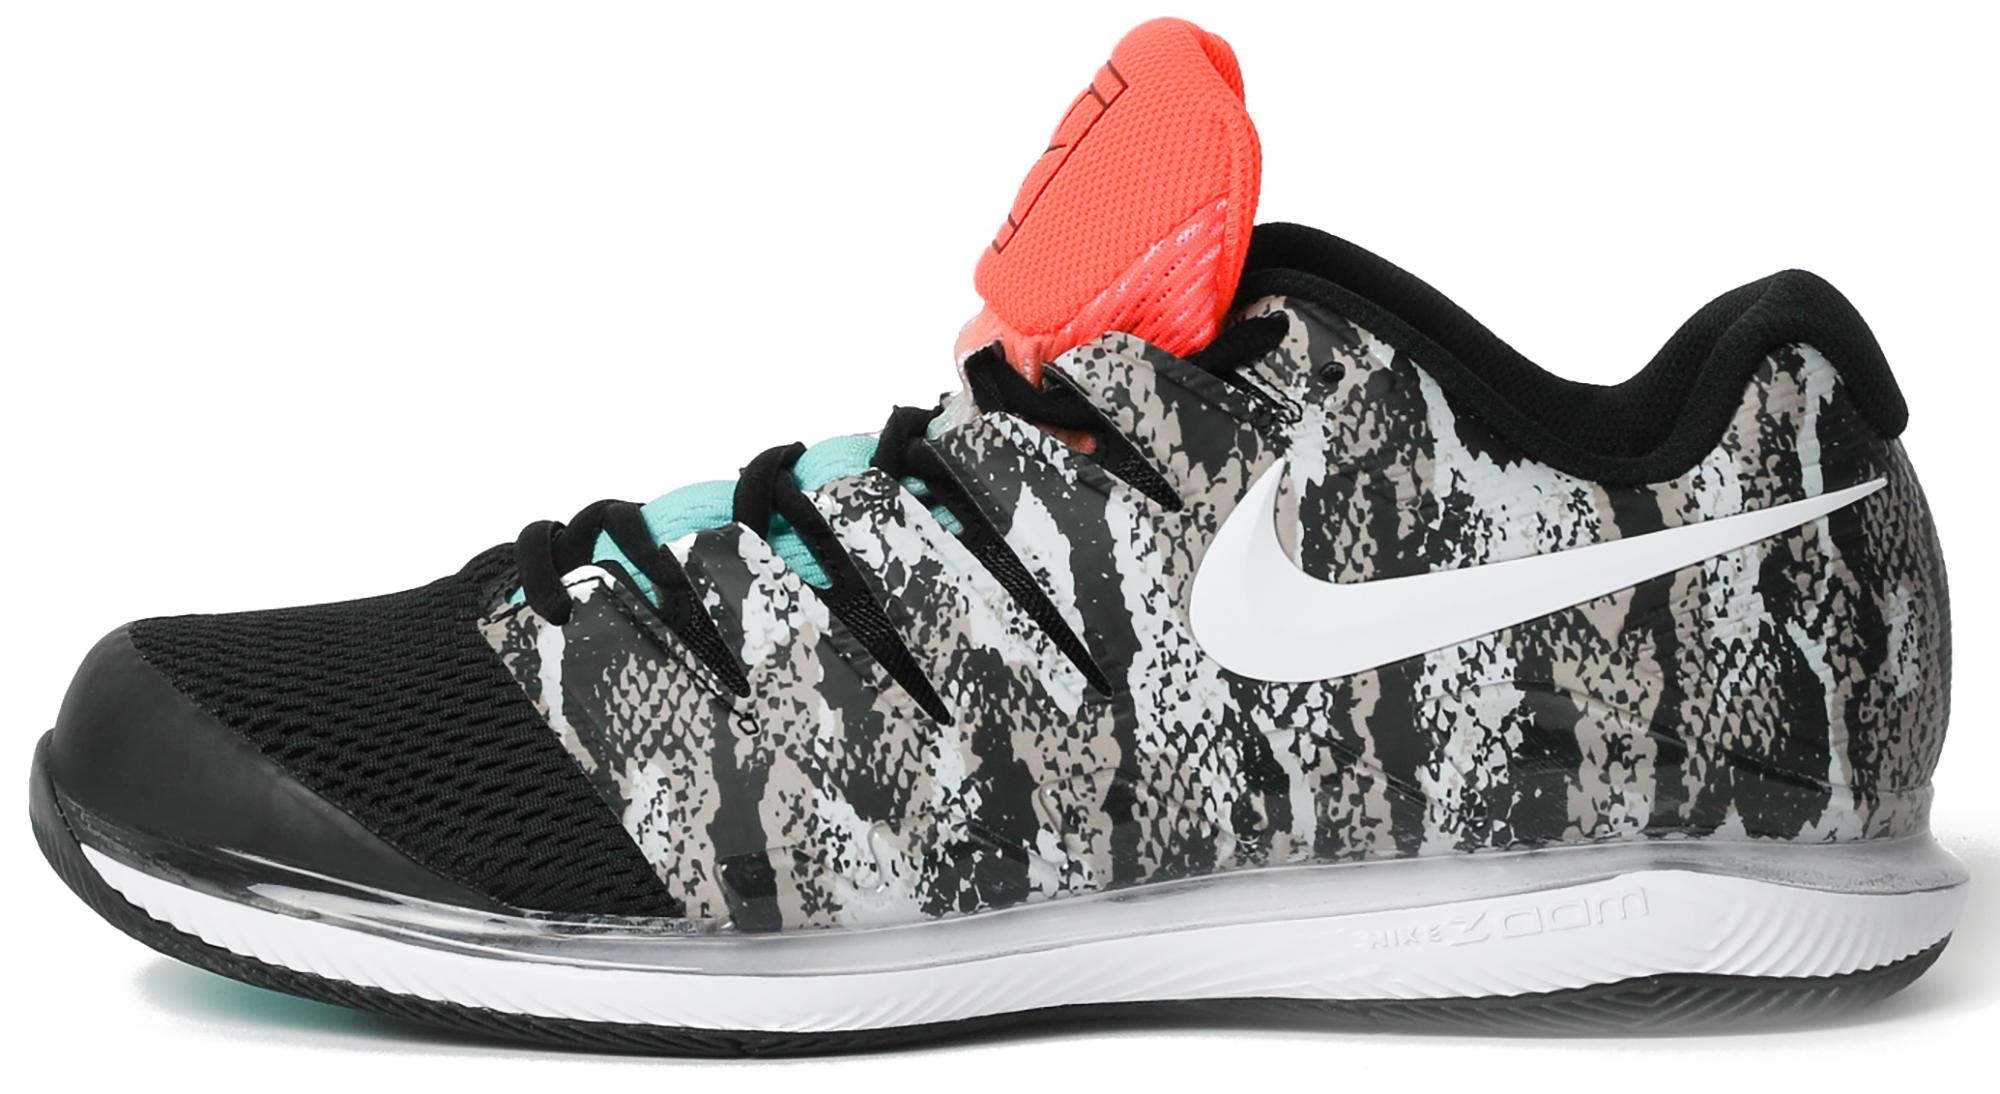 Фото - Nike Кроссовки мужские Nike Air Zoom Vapor X, размер 43 nike zoom high jump iii